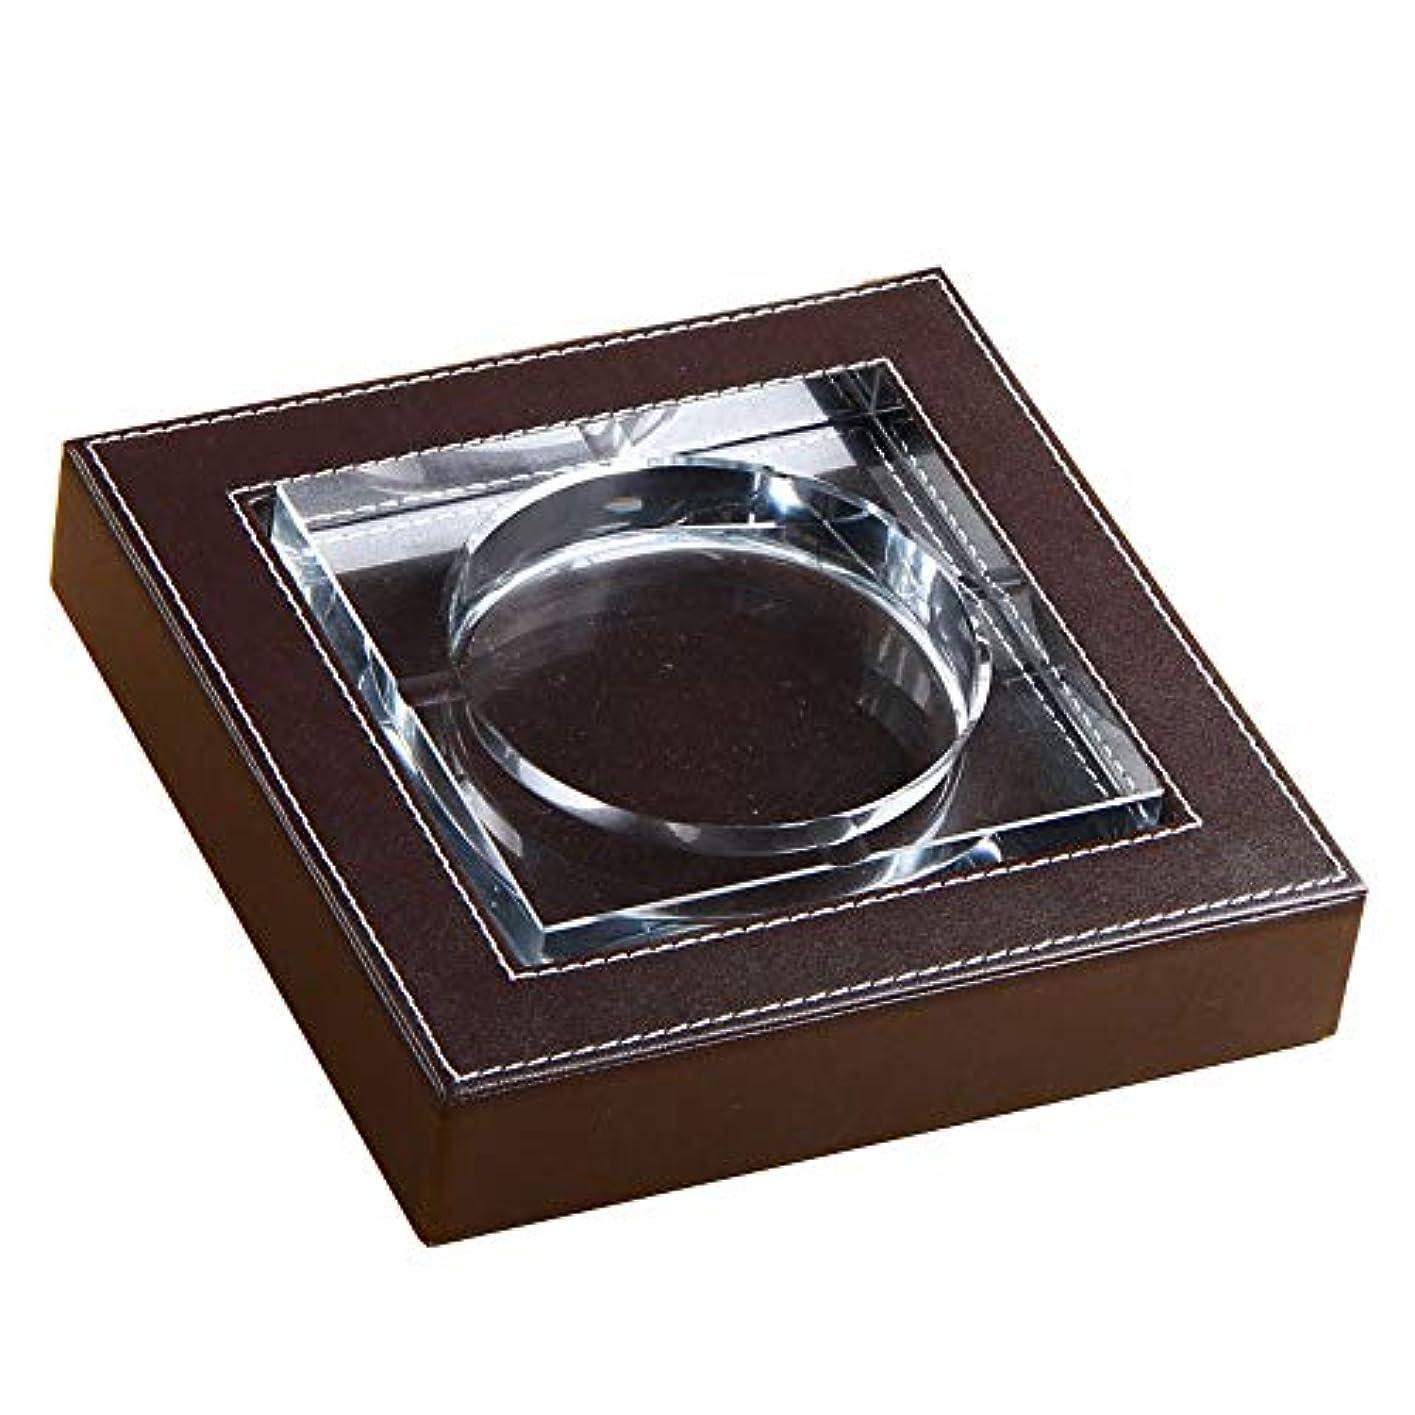 不良リングレット海屋内でクリスタル屋外喫煙者のための灰皿灰皿ホルダー、ホームオフィスの装飾のためのデスクトップの喫煙灰皿 (Size : S)